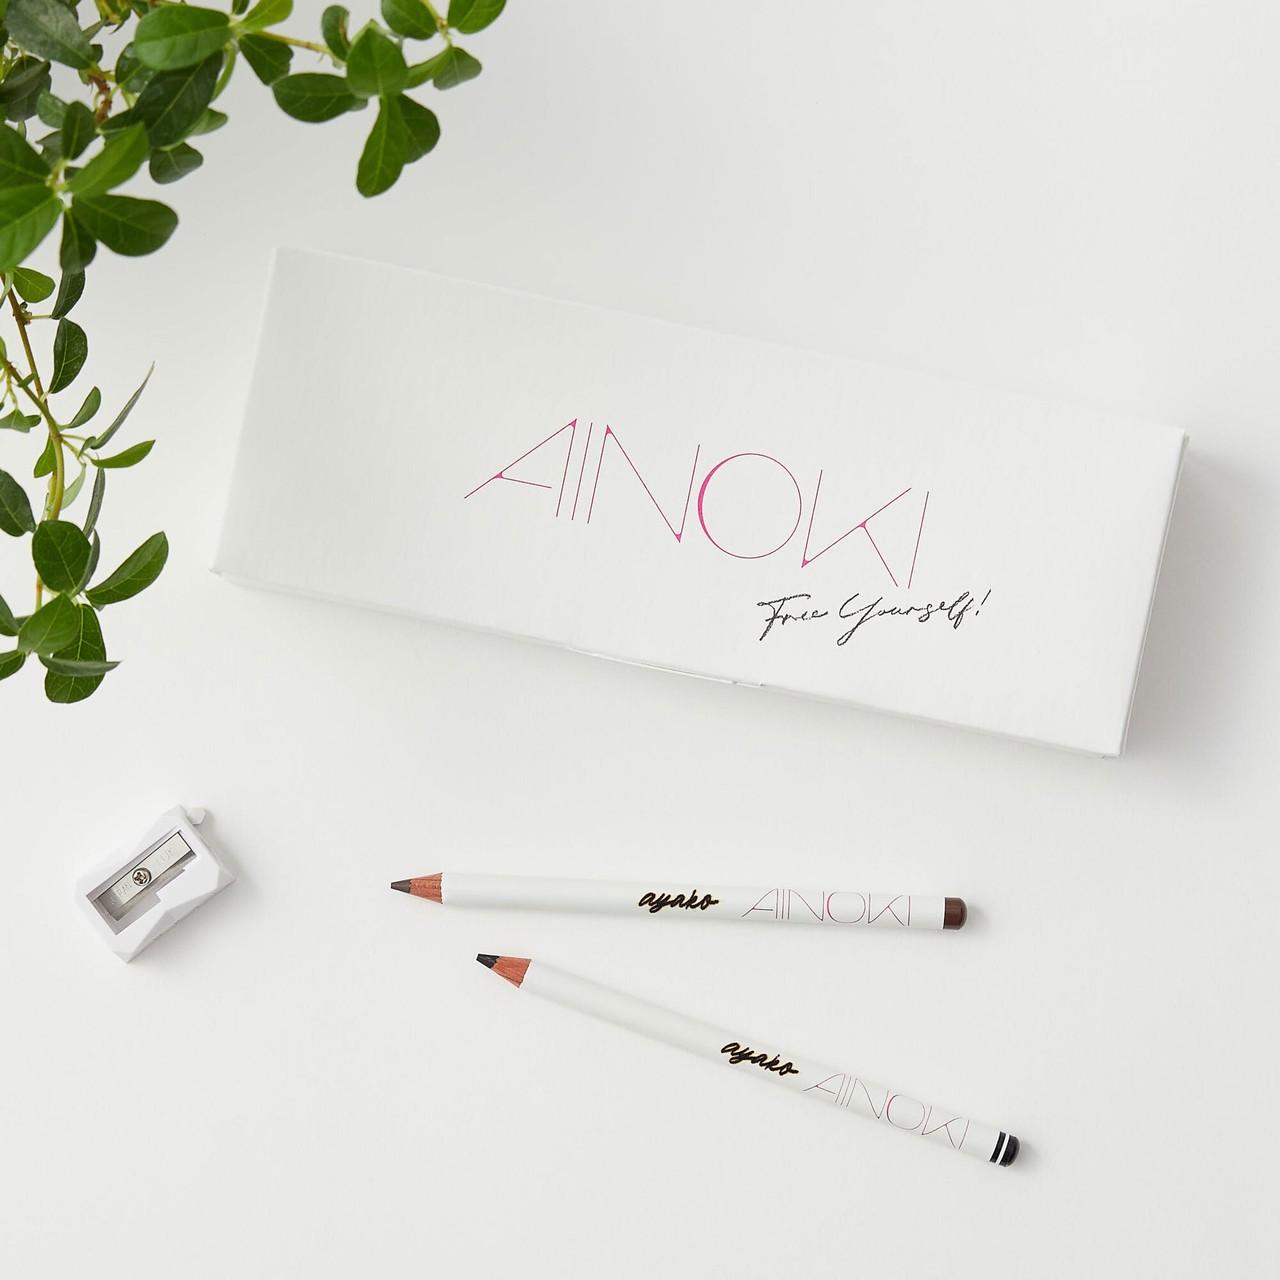 使うだけで個性が洗練される「AINOKI」のラインメイク _2